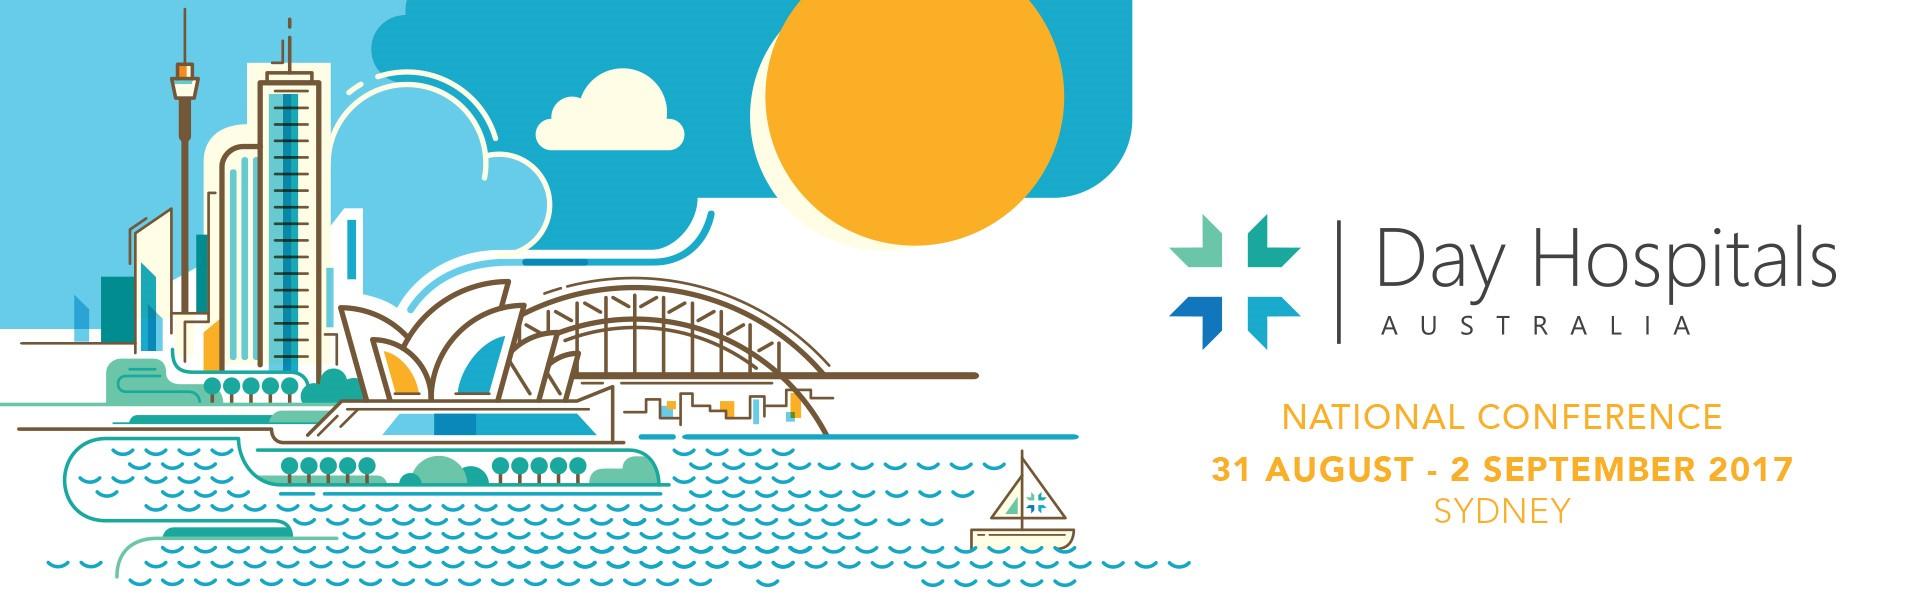 conference-website-banner-fina-08-12-16